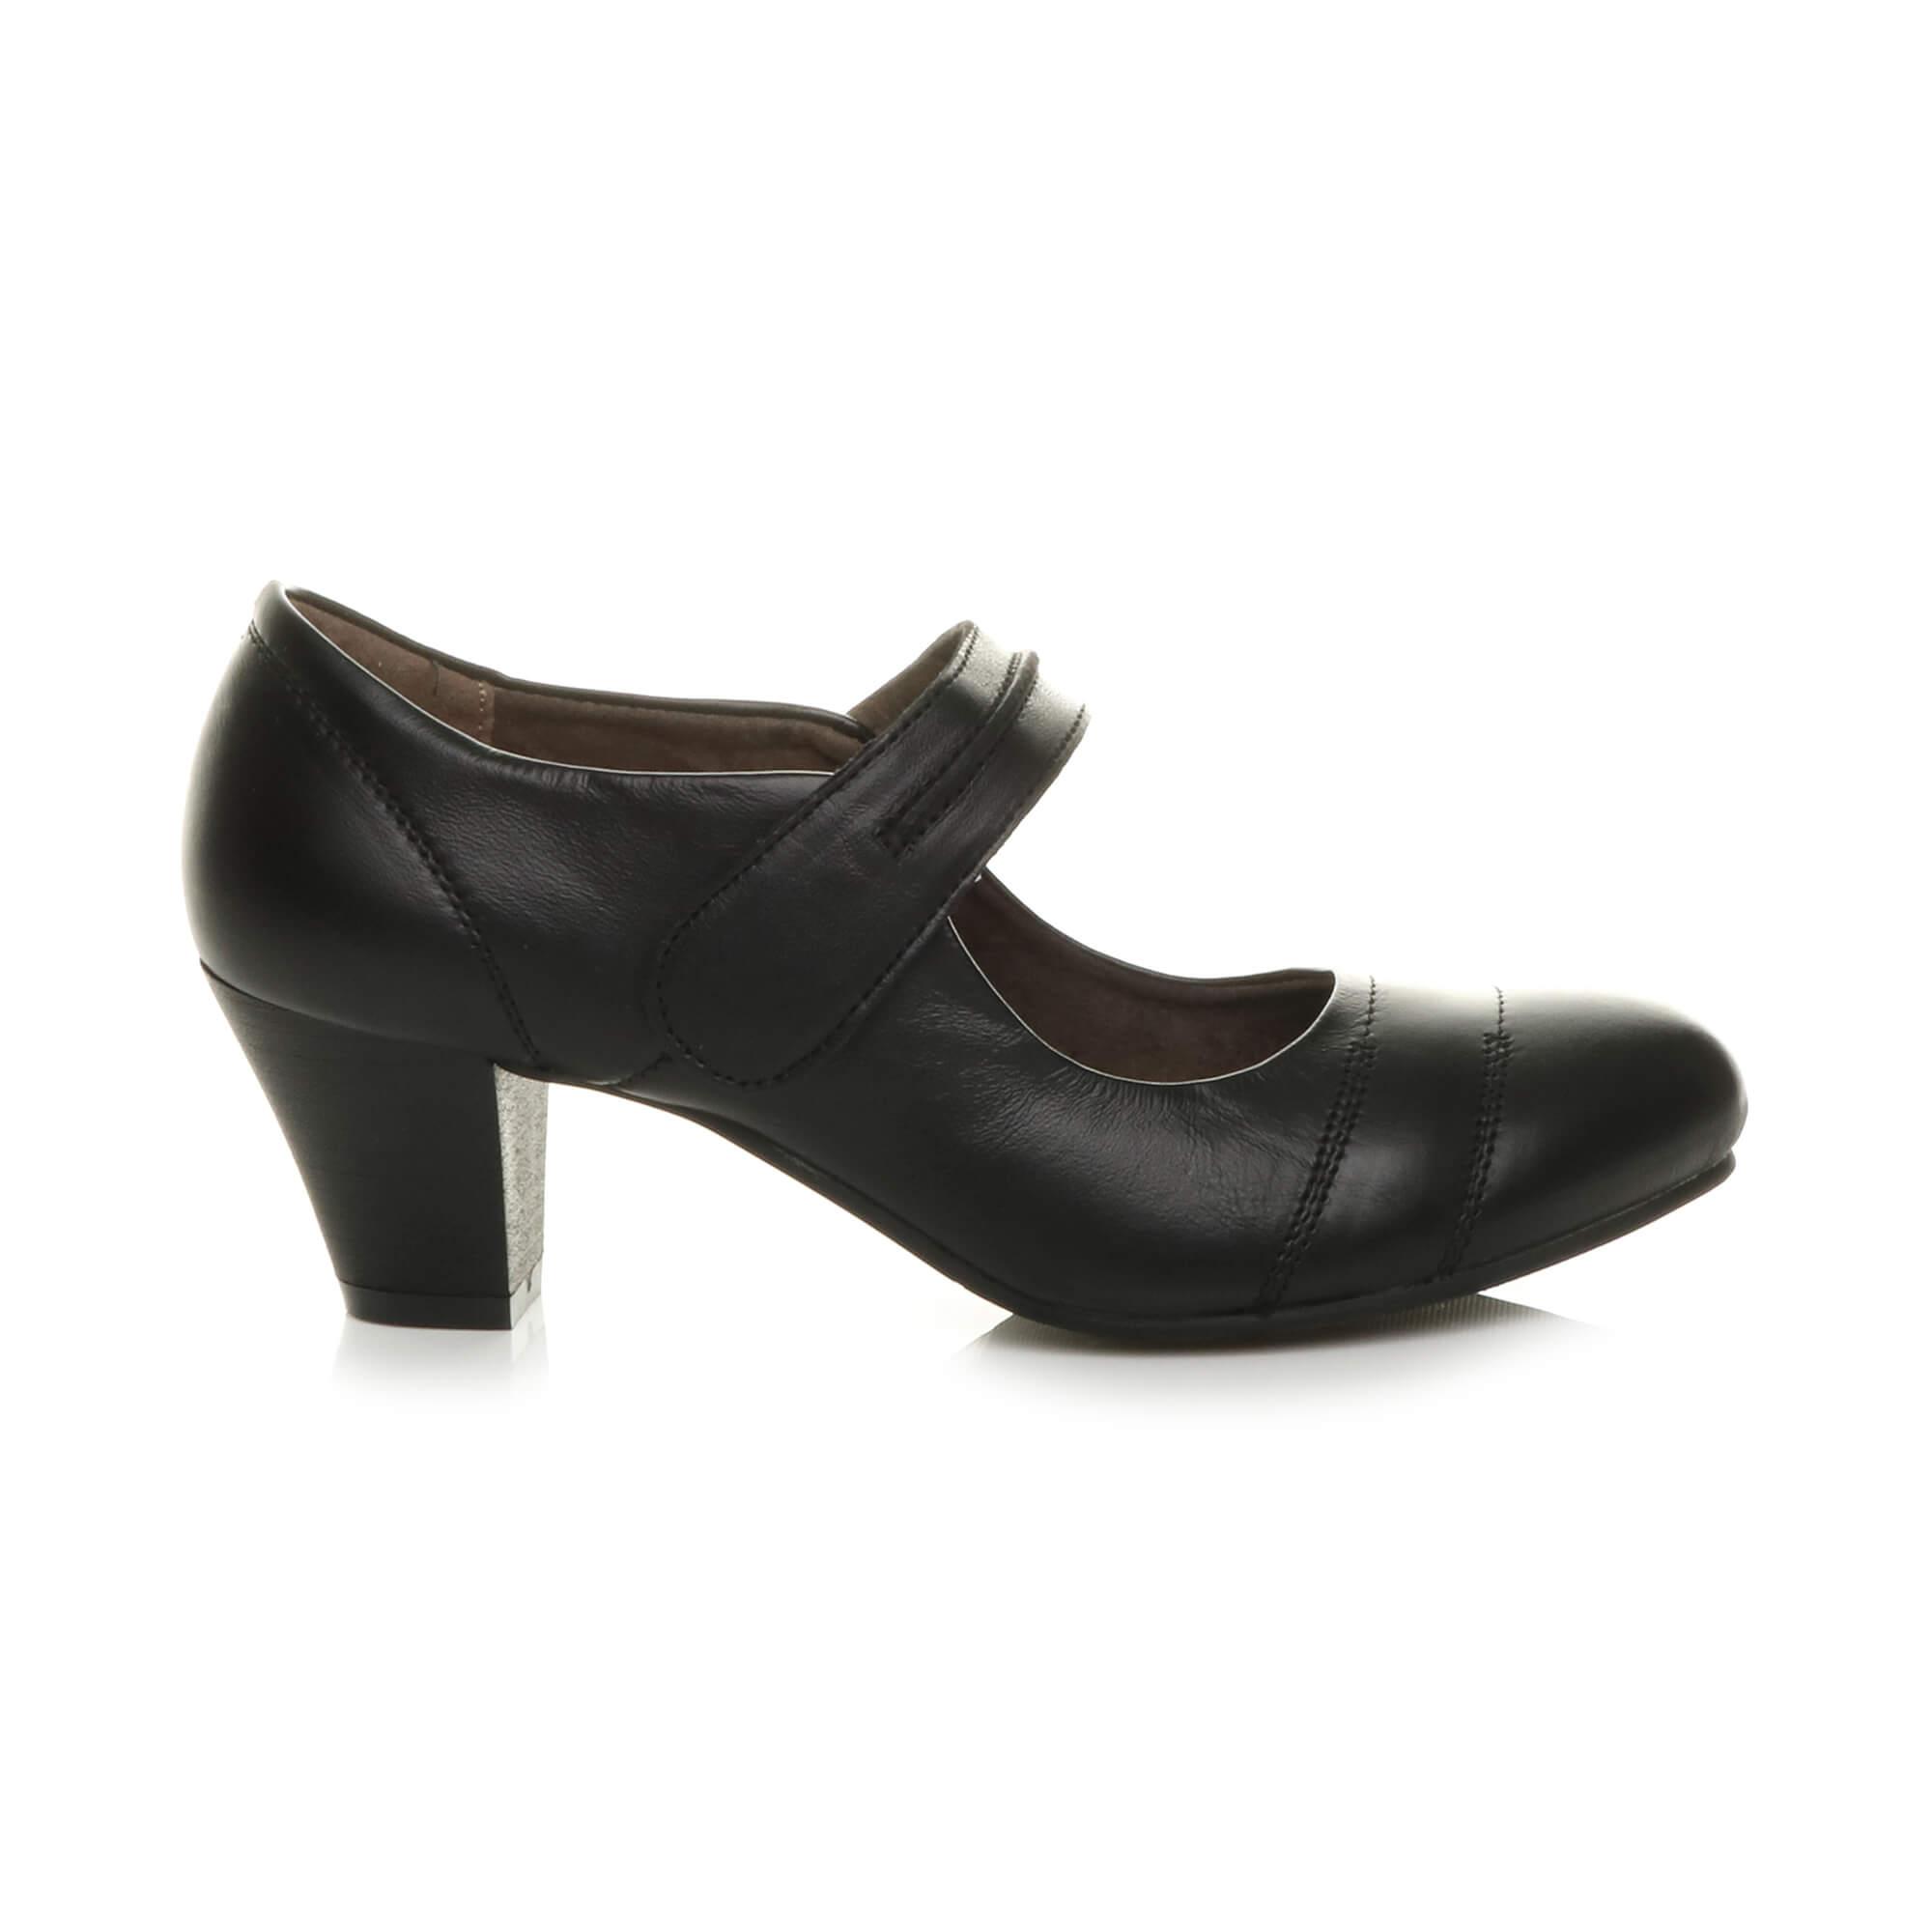 Damen Mittelblockabsatz Komfort Leder Grund Mary Jane Pumps Schuhe Größe 5 38 XHVkb